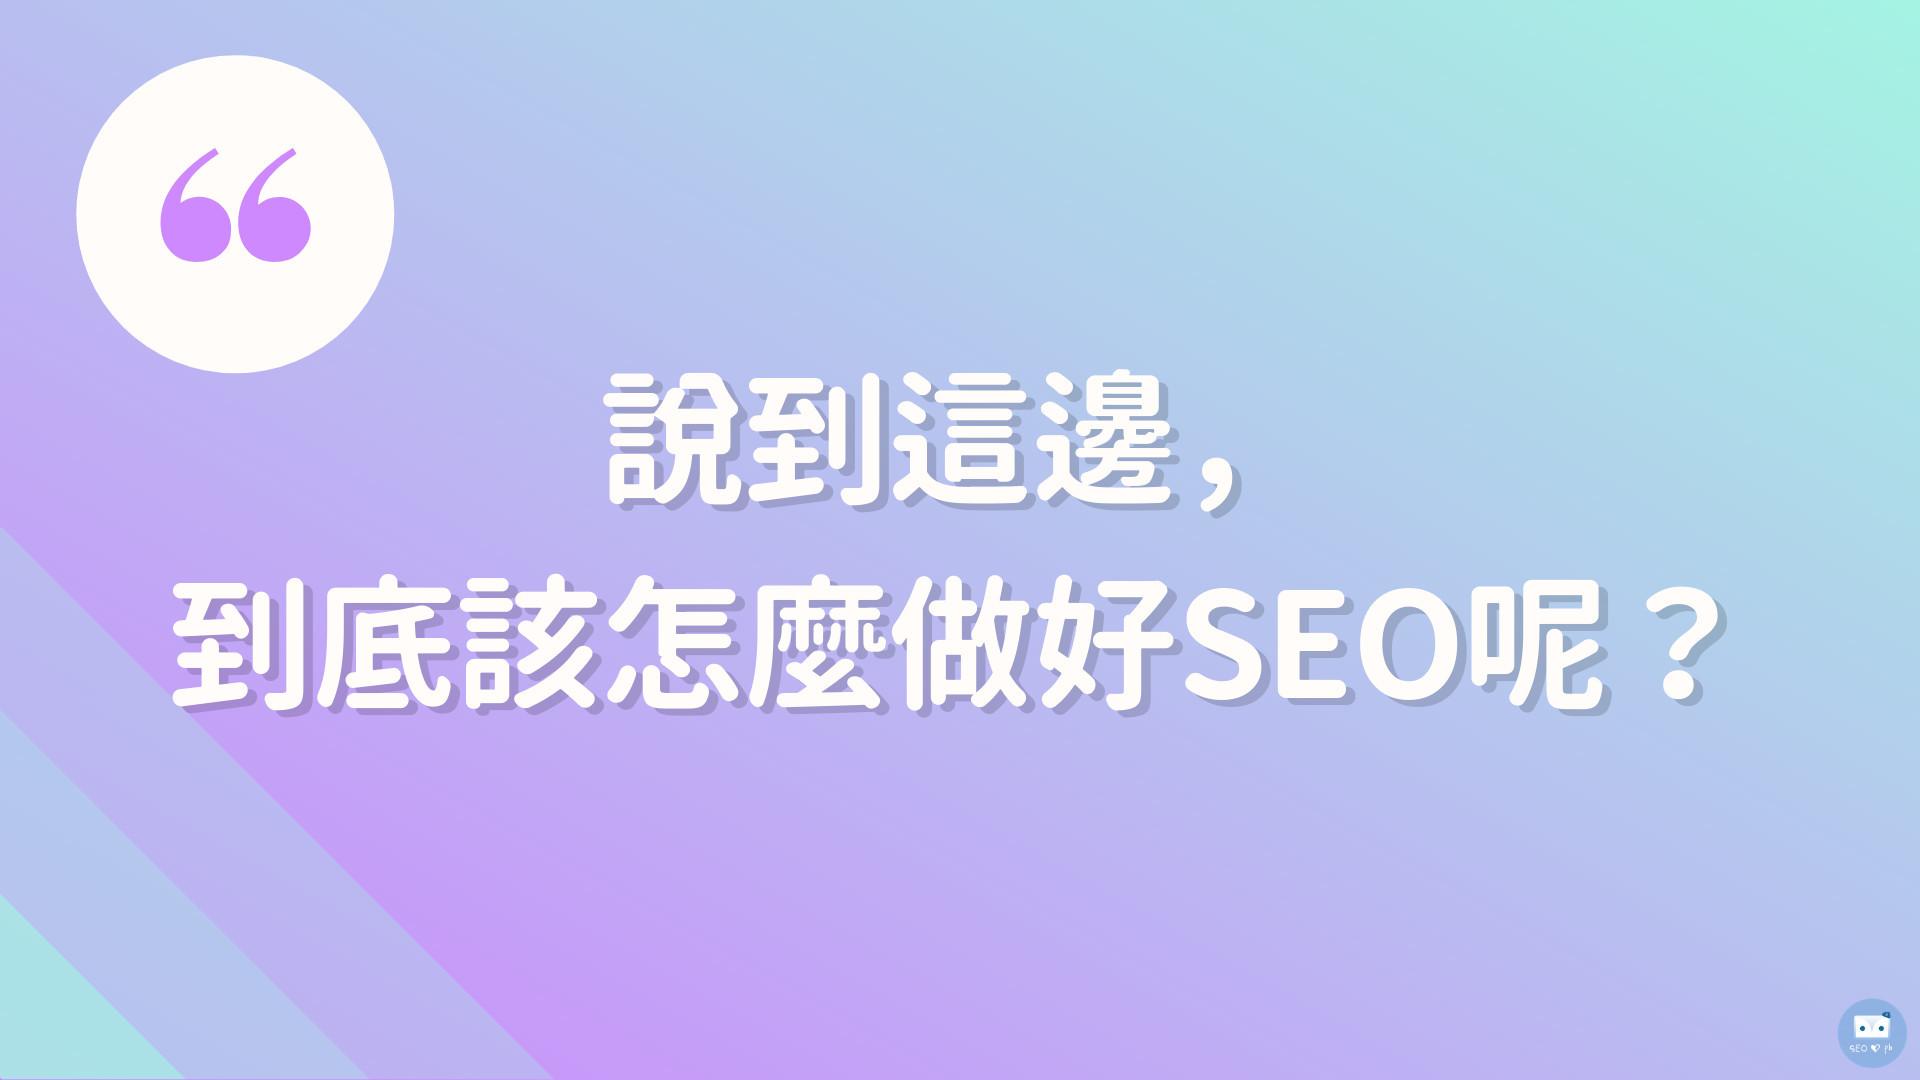 該如何做好SEO-2019 SEO優化入門懶人包-鯊客科技SEO優化公司